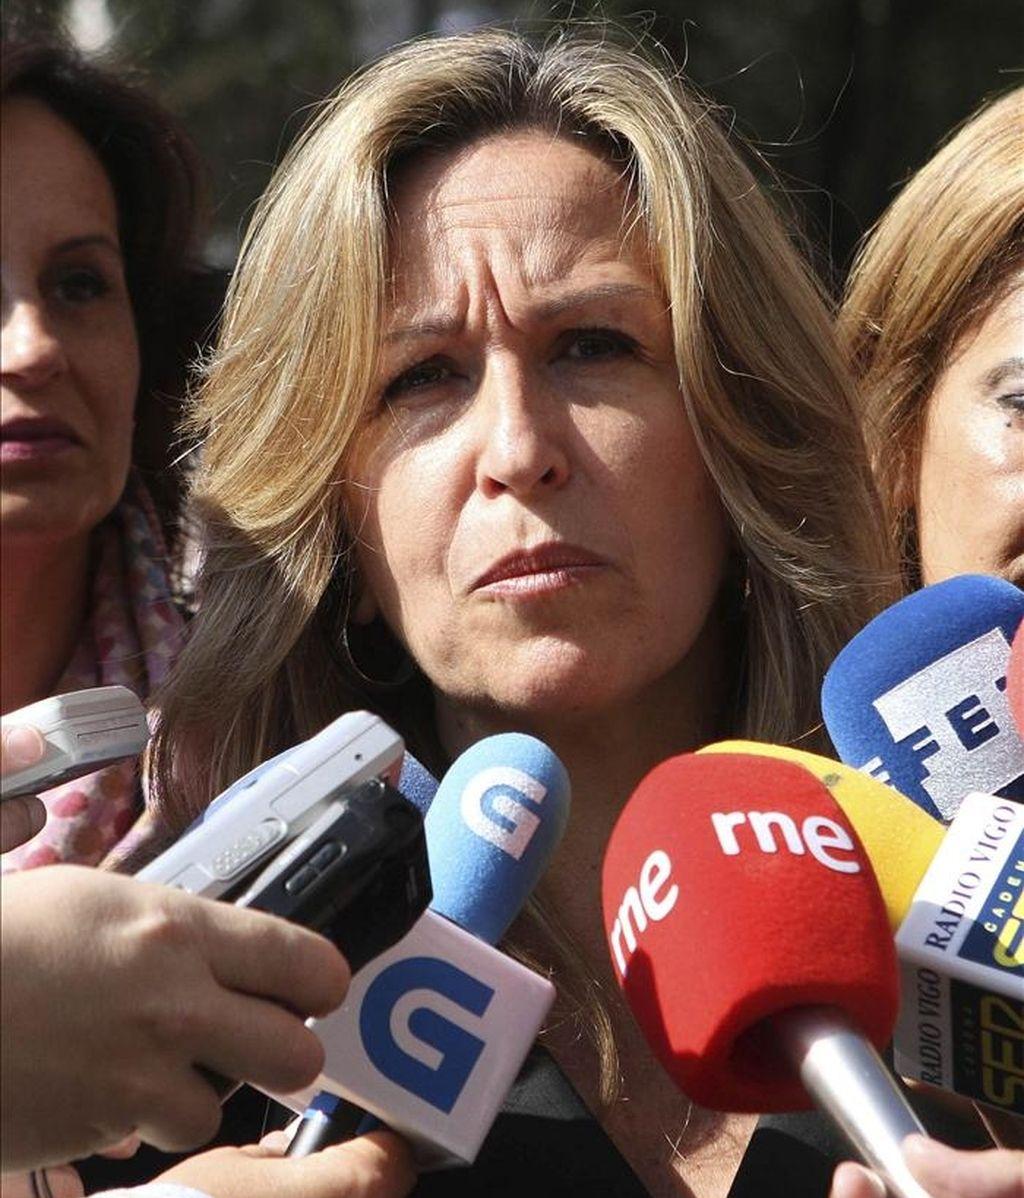 La ministra de Asuntos Exteriores, Trinidad Jiménez, responde a las preguntas de los periodistas tras participar en un acto de los socialistas gallegos en Vigo. EFE